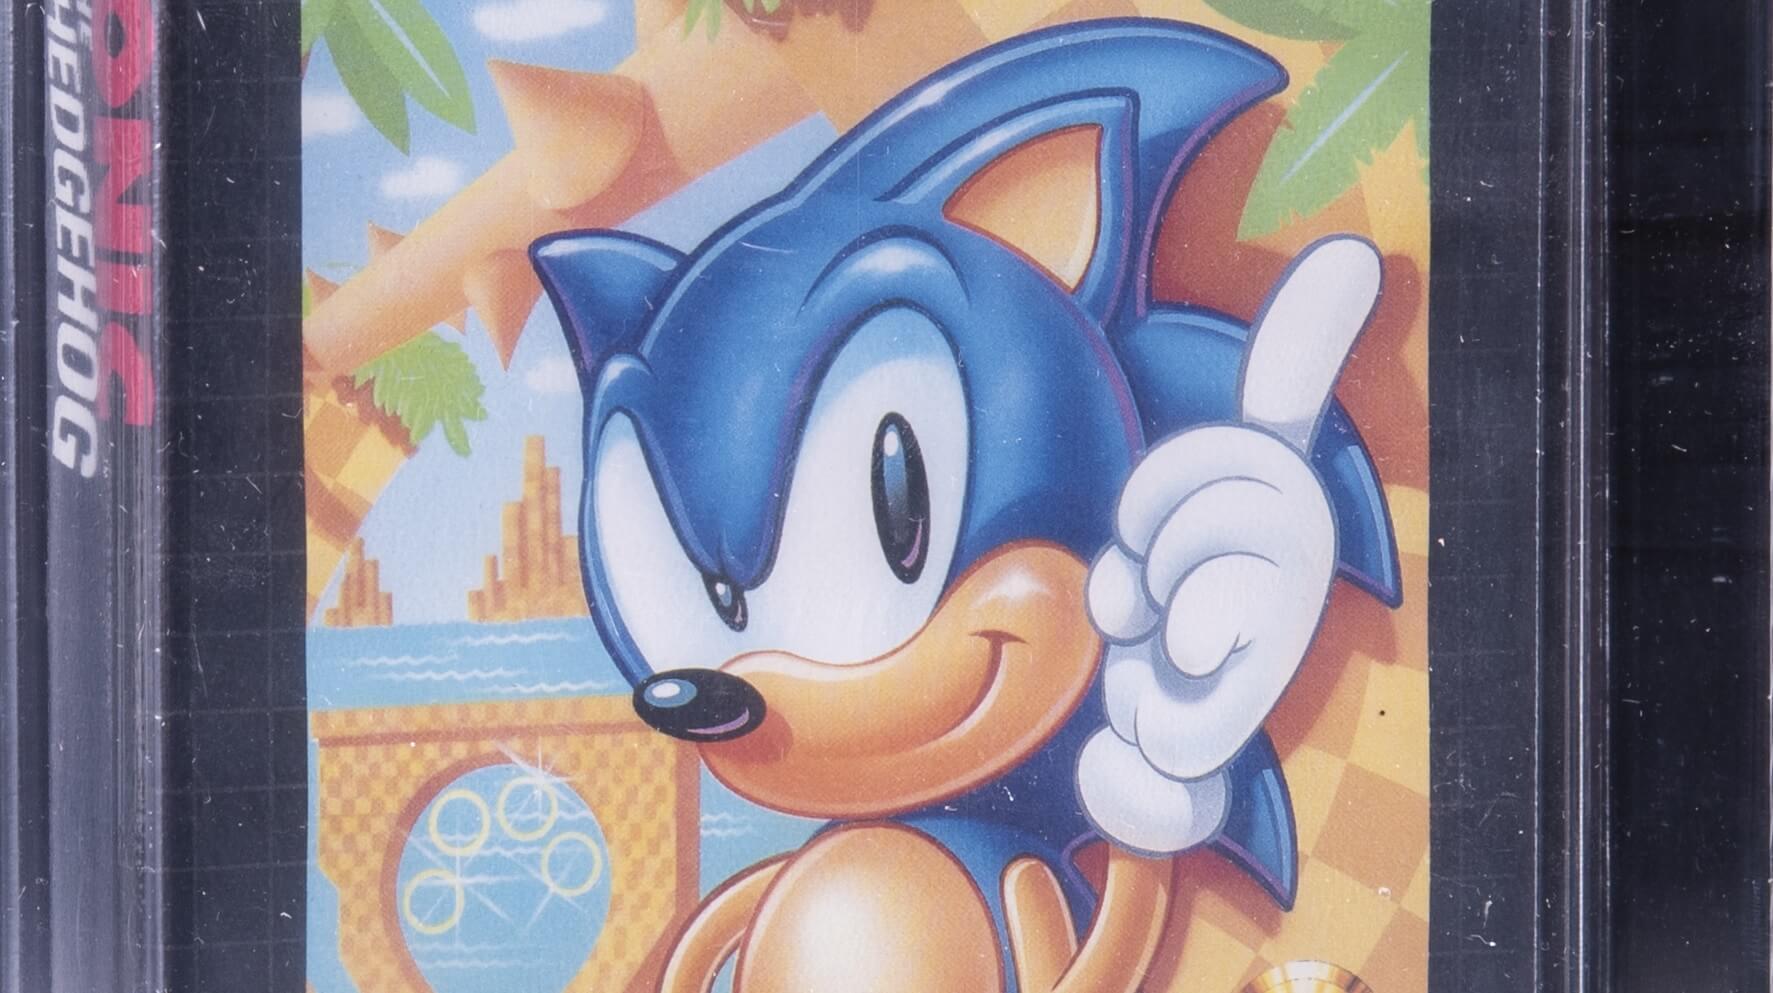 Venden una copia de Sonic the Hedgehog por 430,500 dólares y su creador lo tacha de estafa